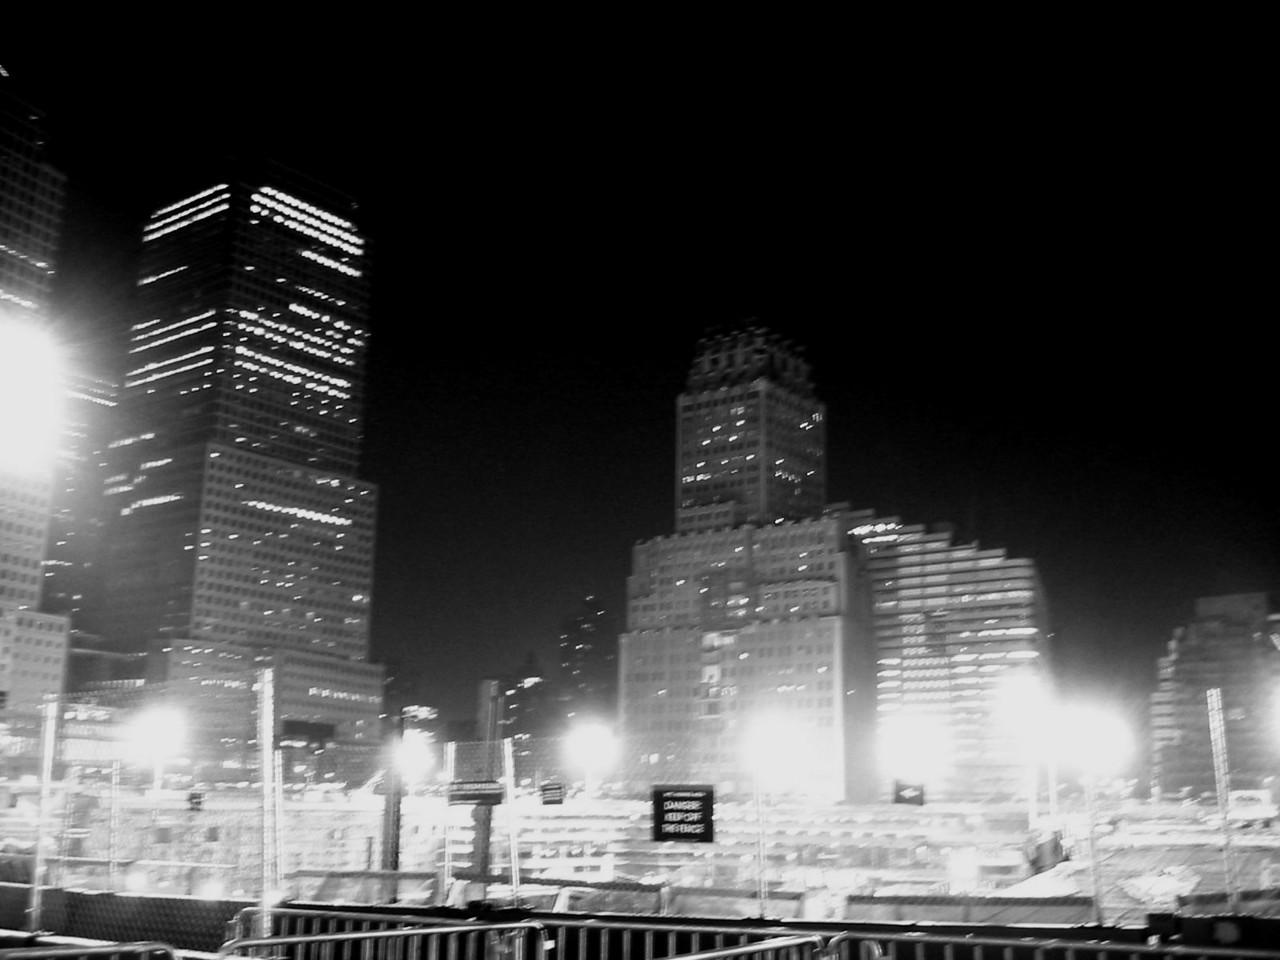 Ground Zero - NYC, July 2002